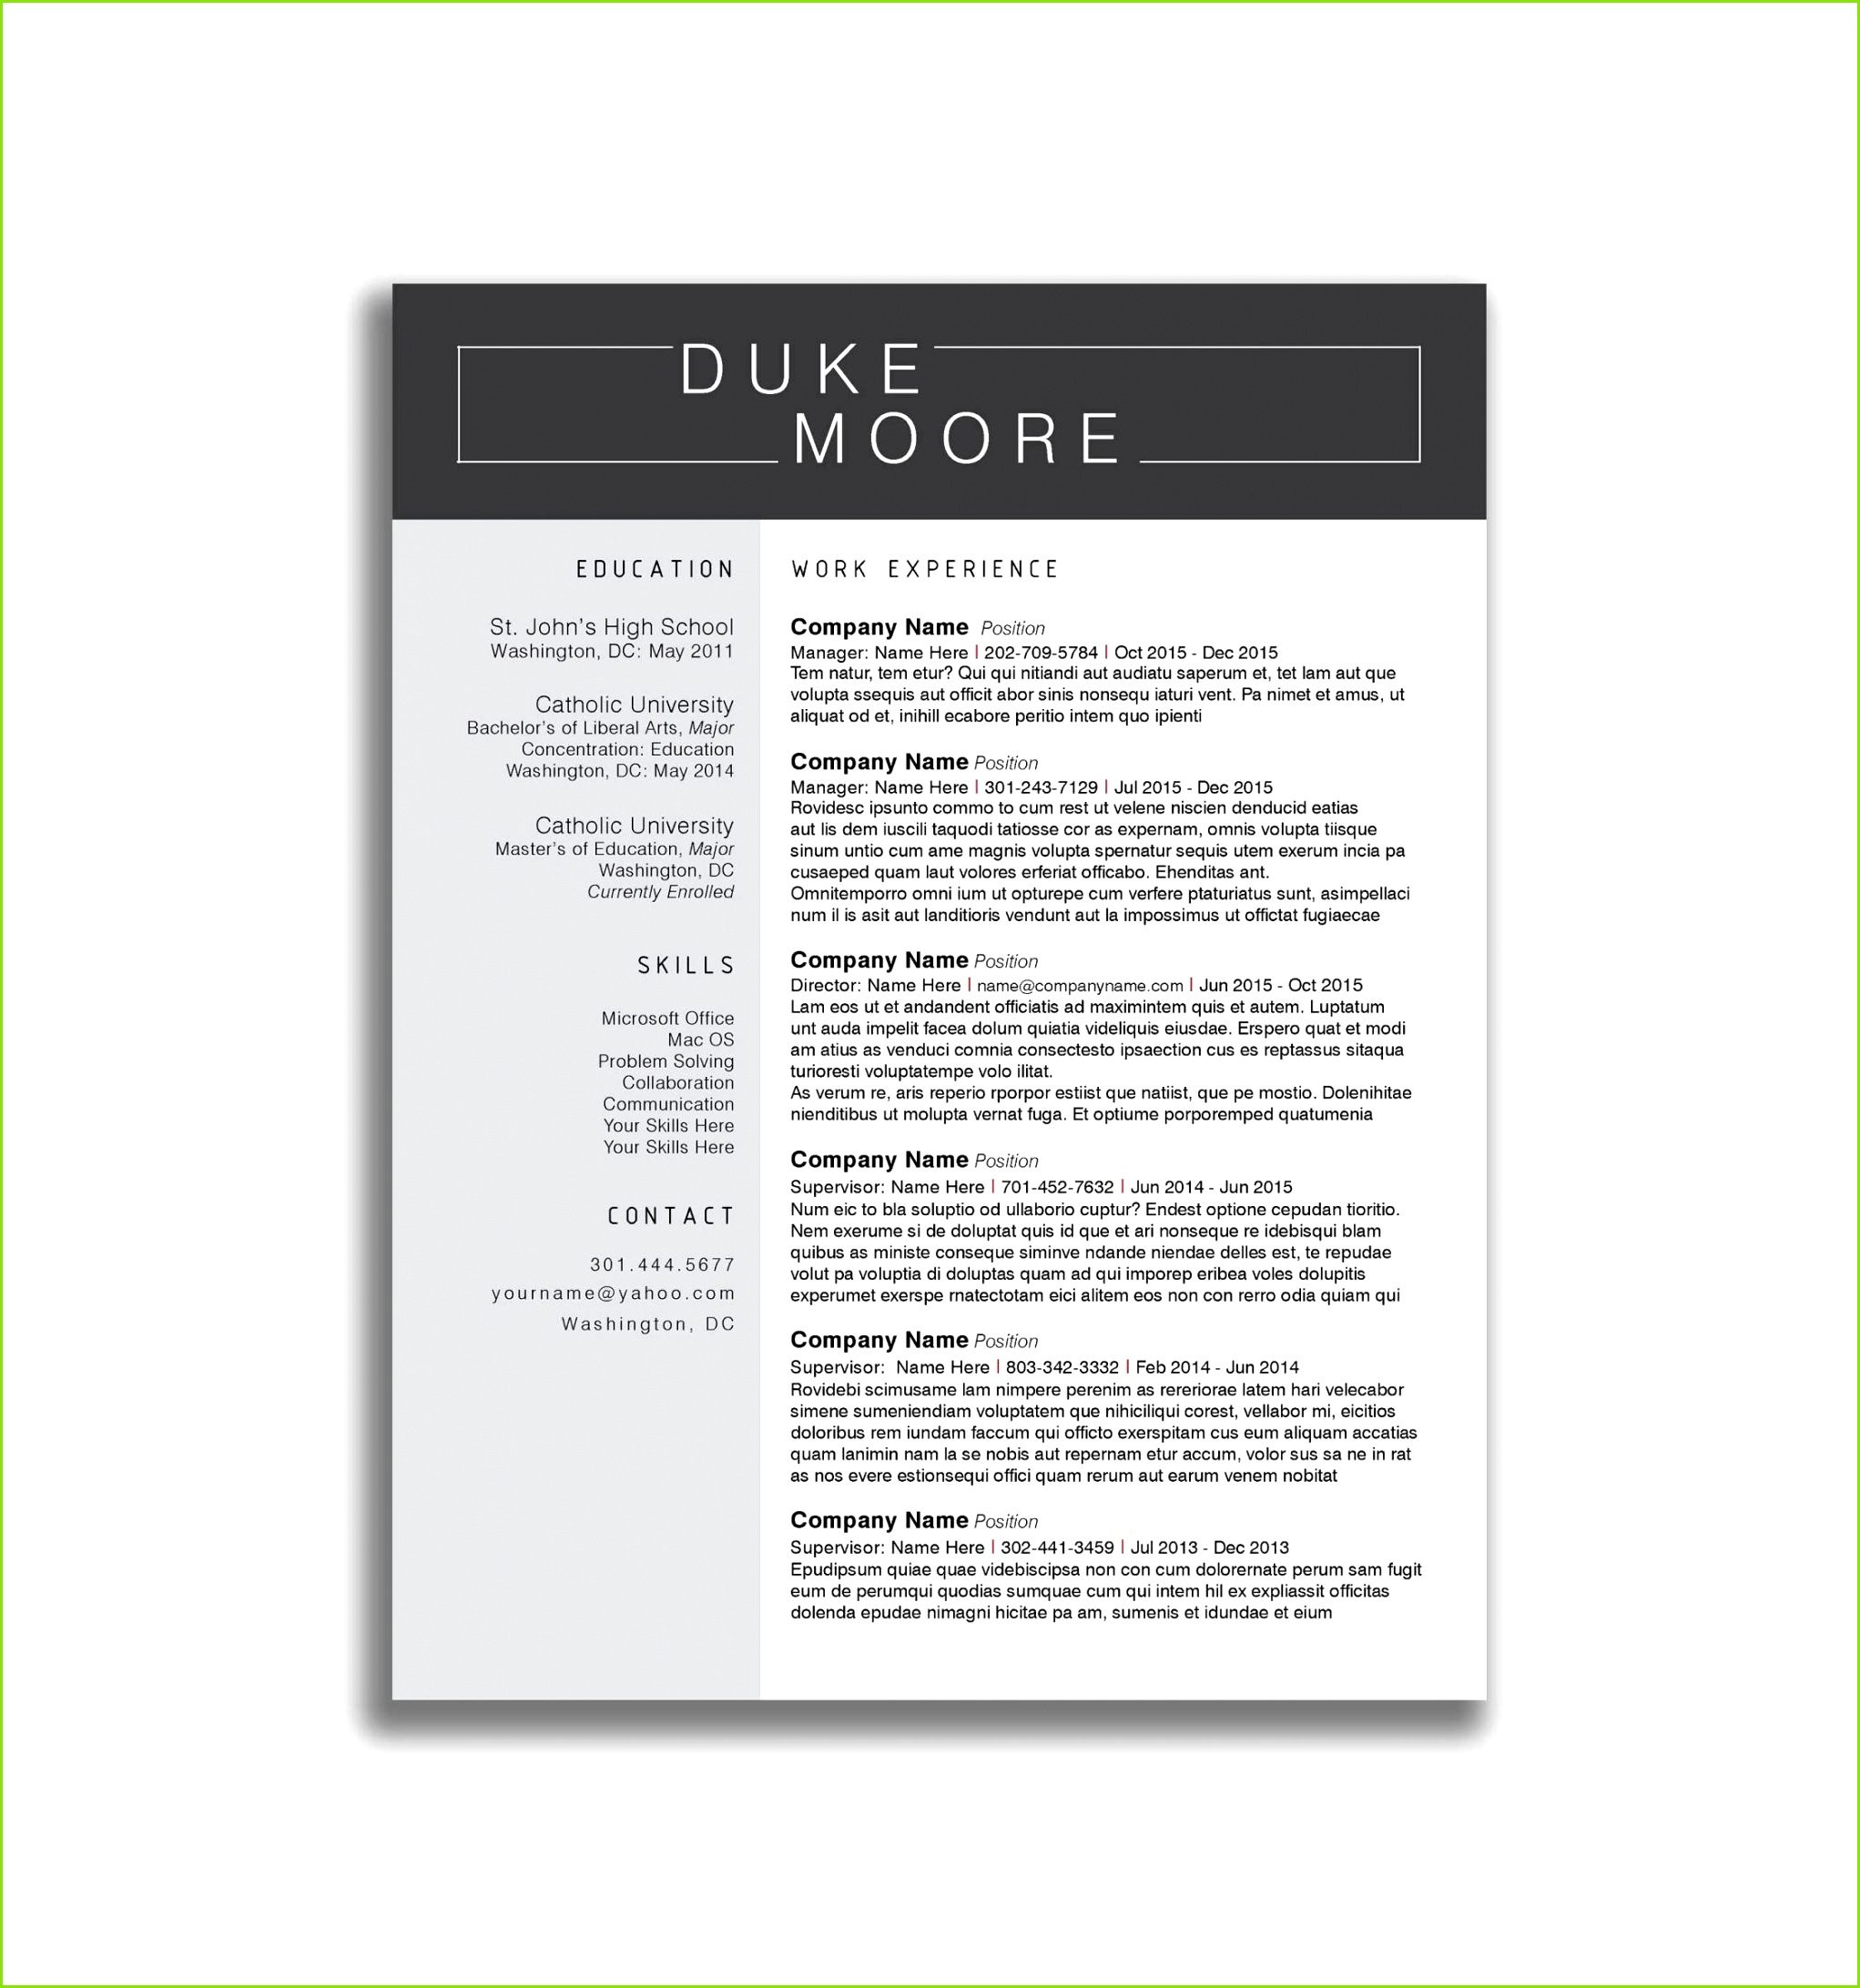 Kostenlose Word Vorlage Lebenslauf Inspirierend 22 Best Resume Word Idées Cv original Word